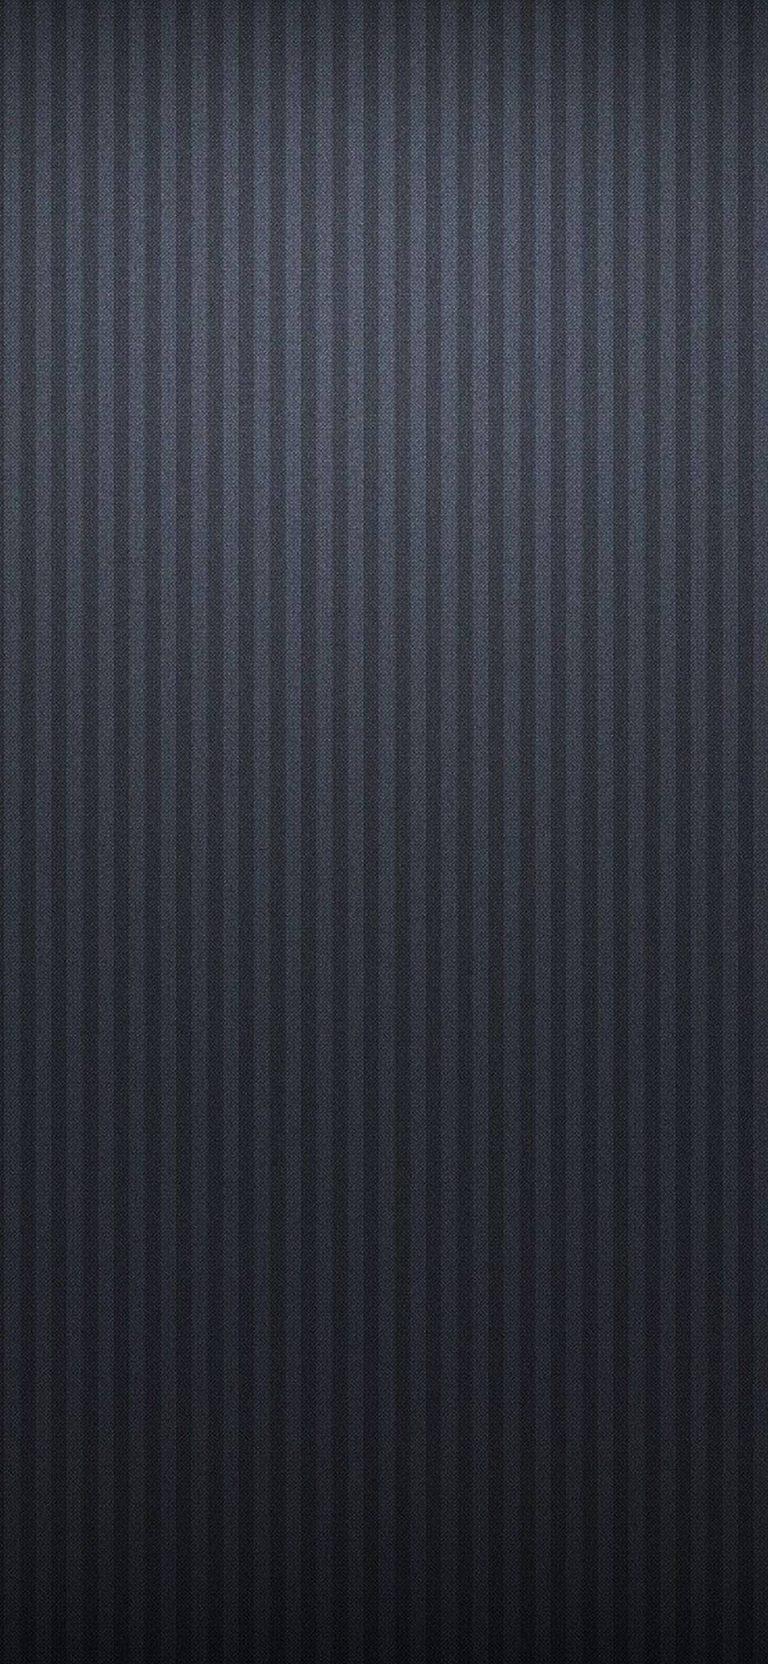 1440x3120 Wallpaper 001 768x1664